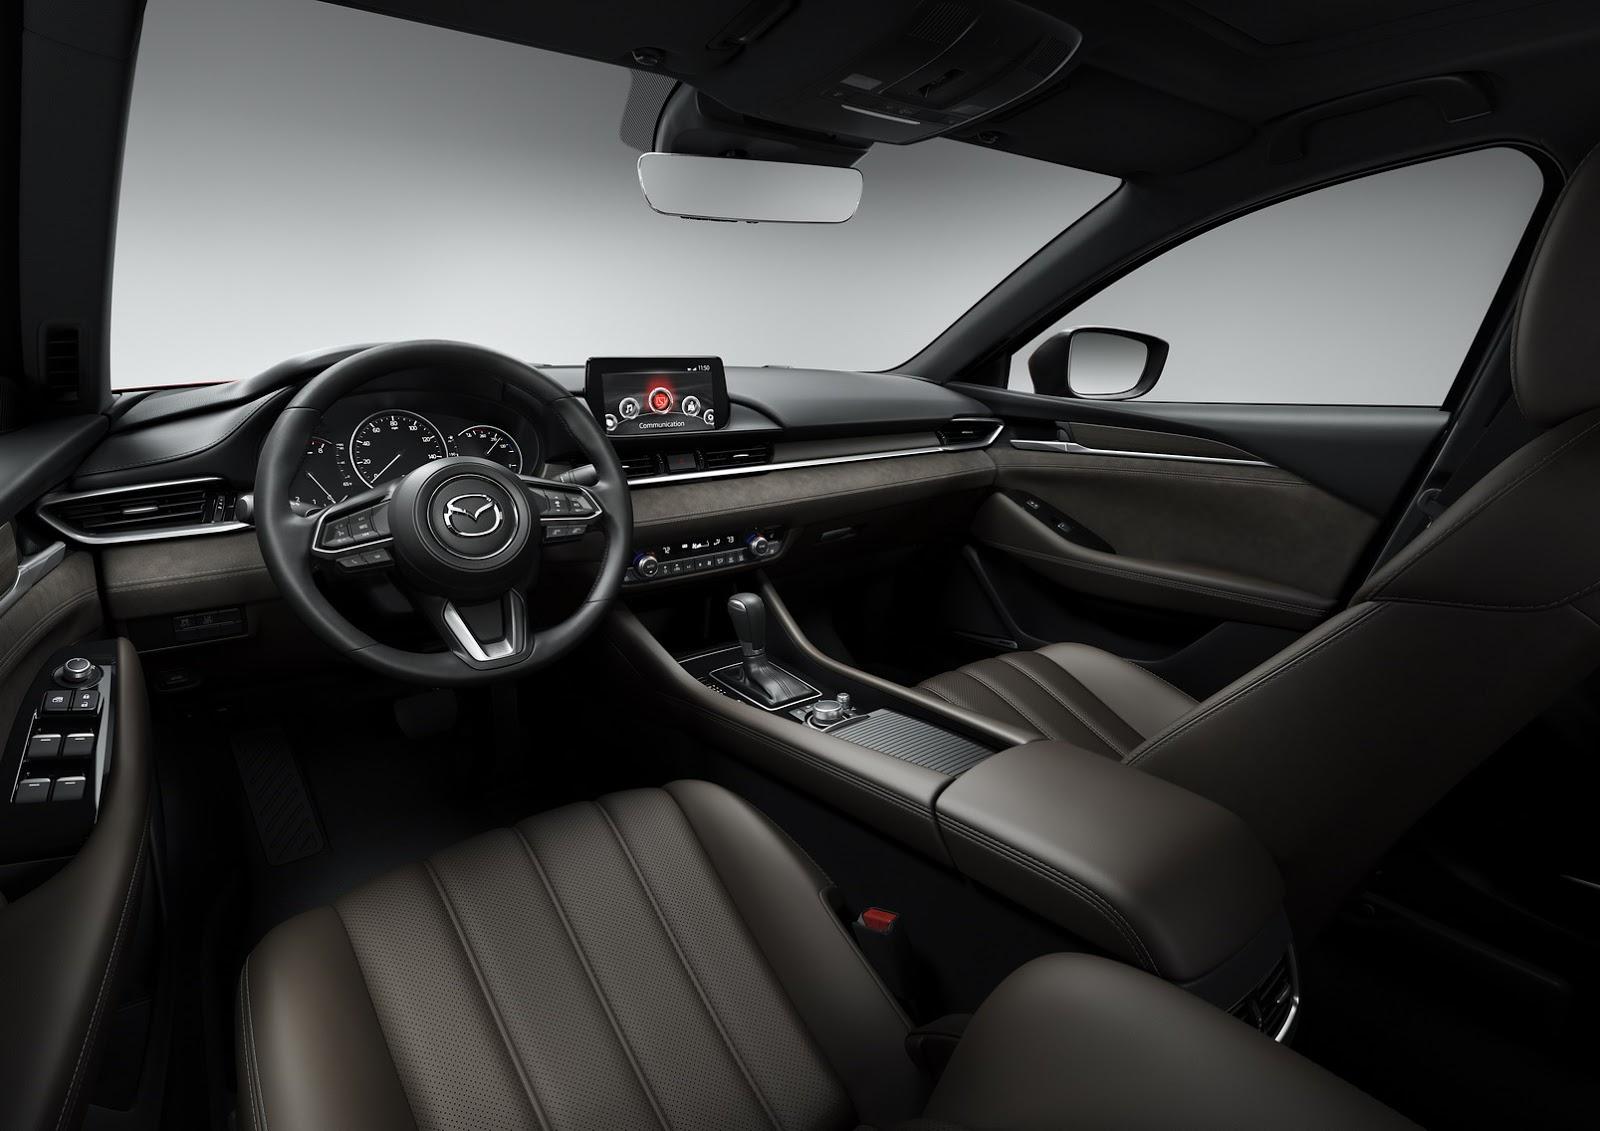 2019-Mazda6-18.jpg